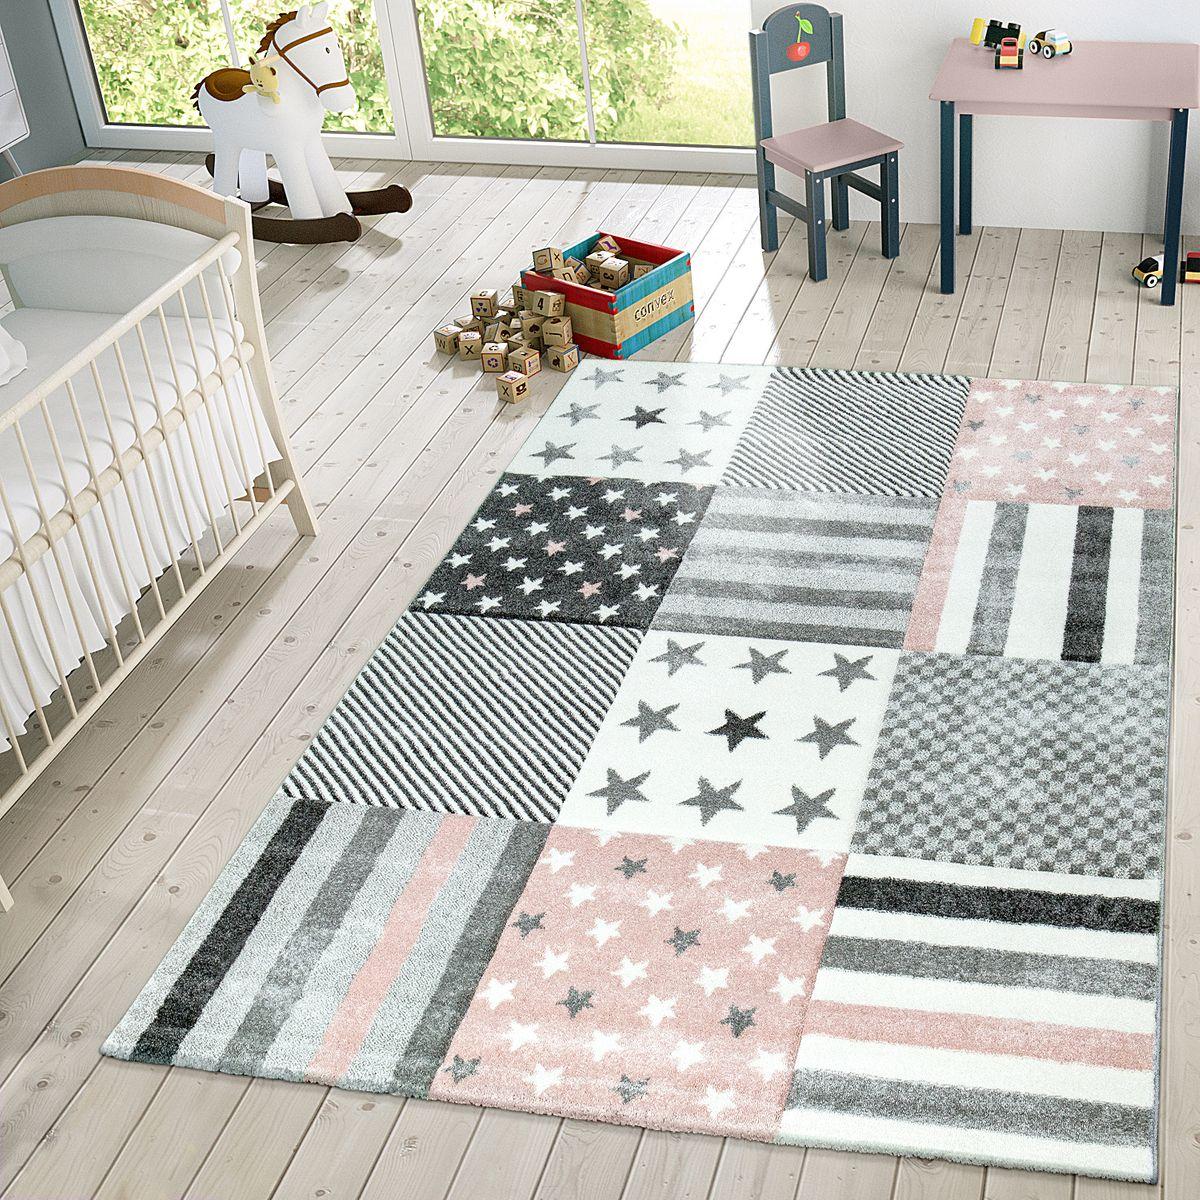 Full Size of Kinderzimmer Teppiche Teppich Sterne In Mehreren Farben Teppichmax Regal Weiß Wohnzimmer Sofa Regale Kinderzimmer Kinderzimmer Teppiche